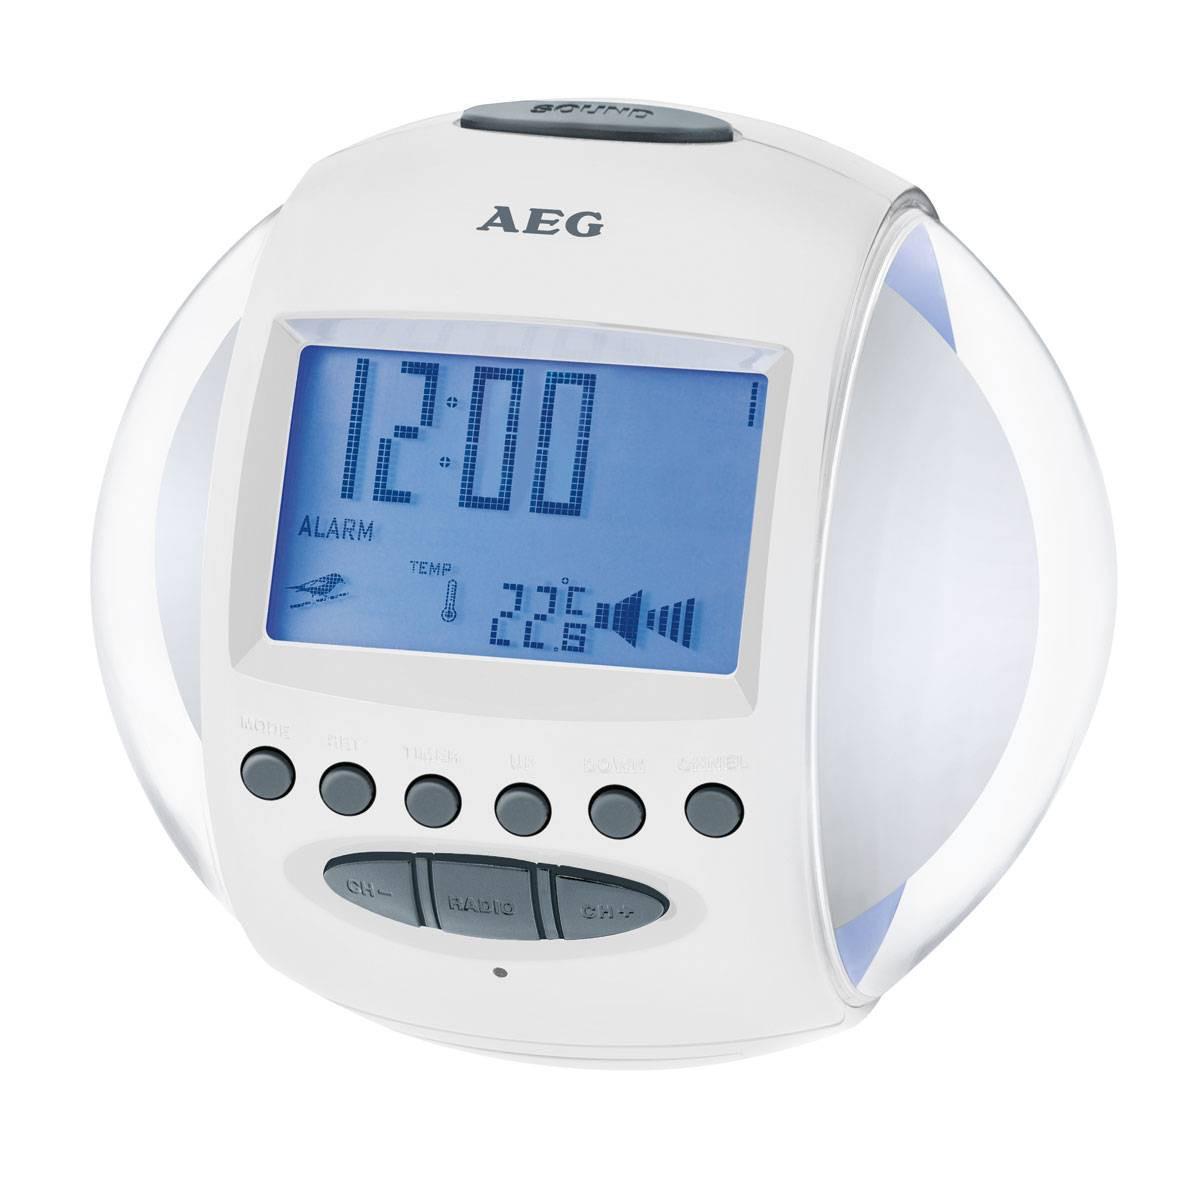 AEG Despertador MRC4117 Blanco